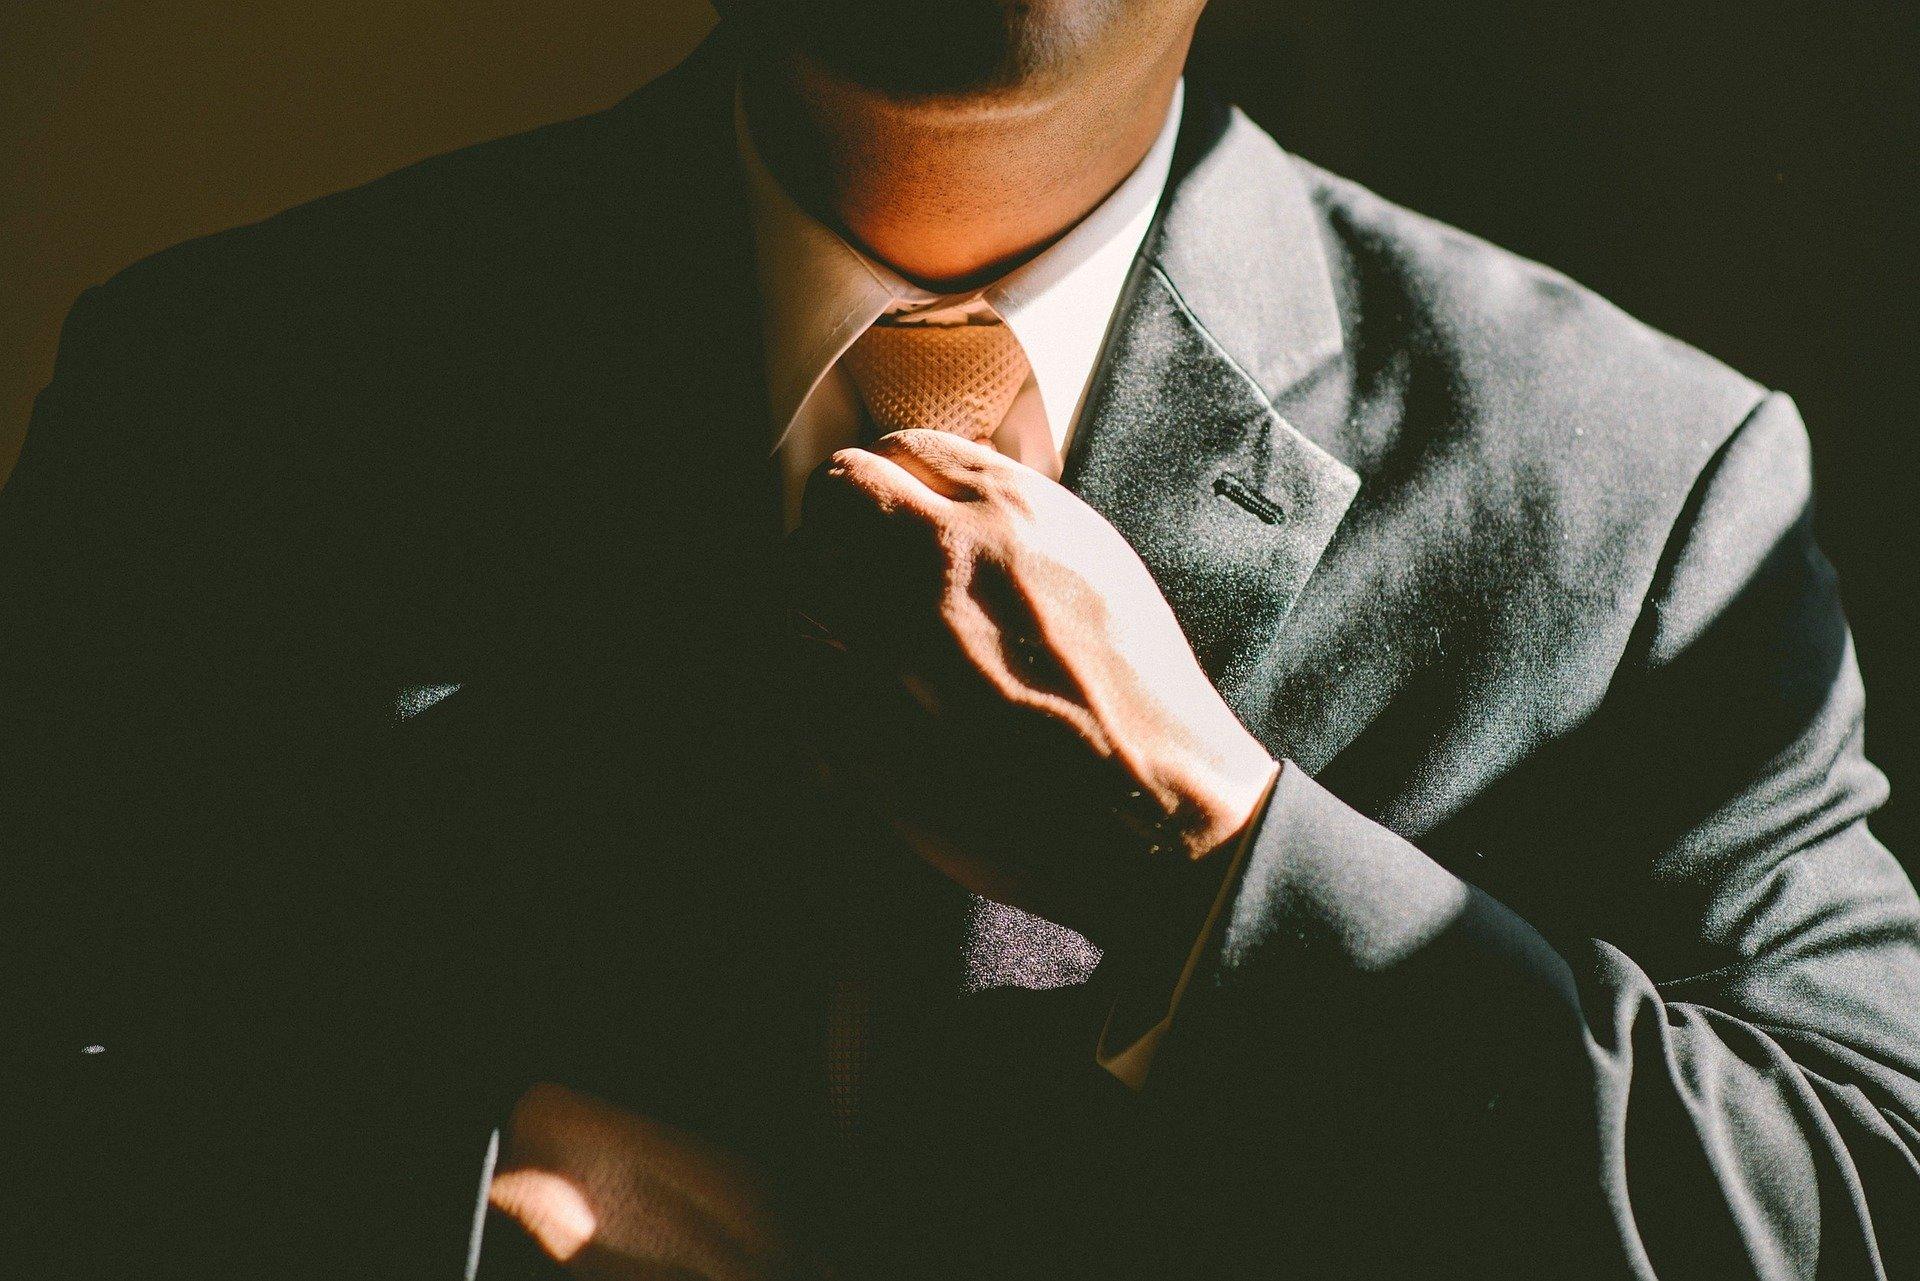 スーツのネクタイを締めている男性の首元